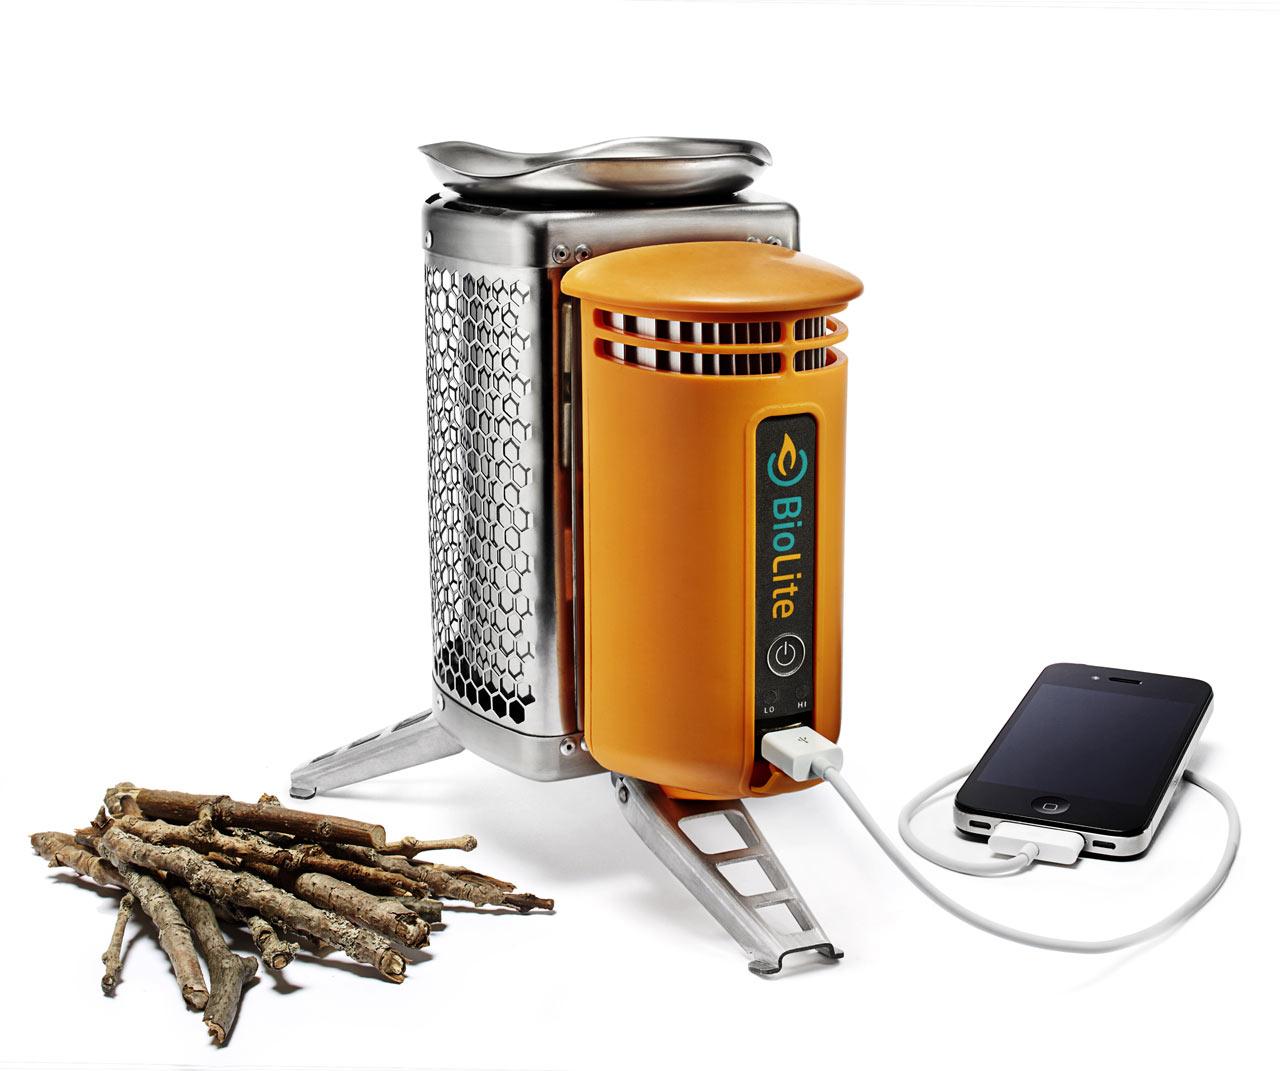 BIOLITE-Portable-Grill-CampStove-4-stove